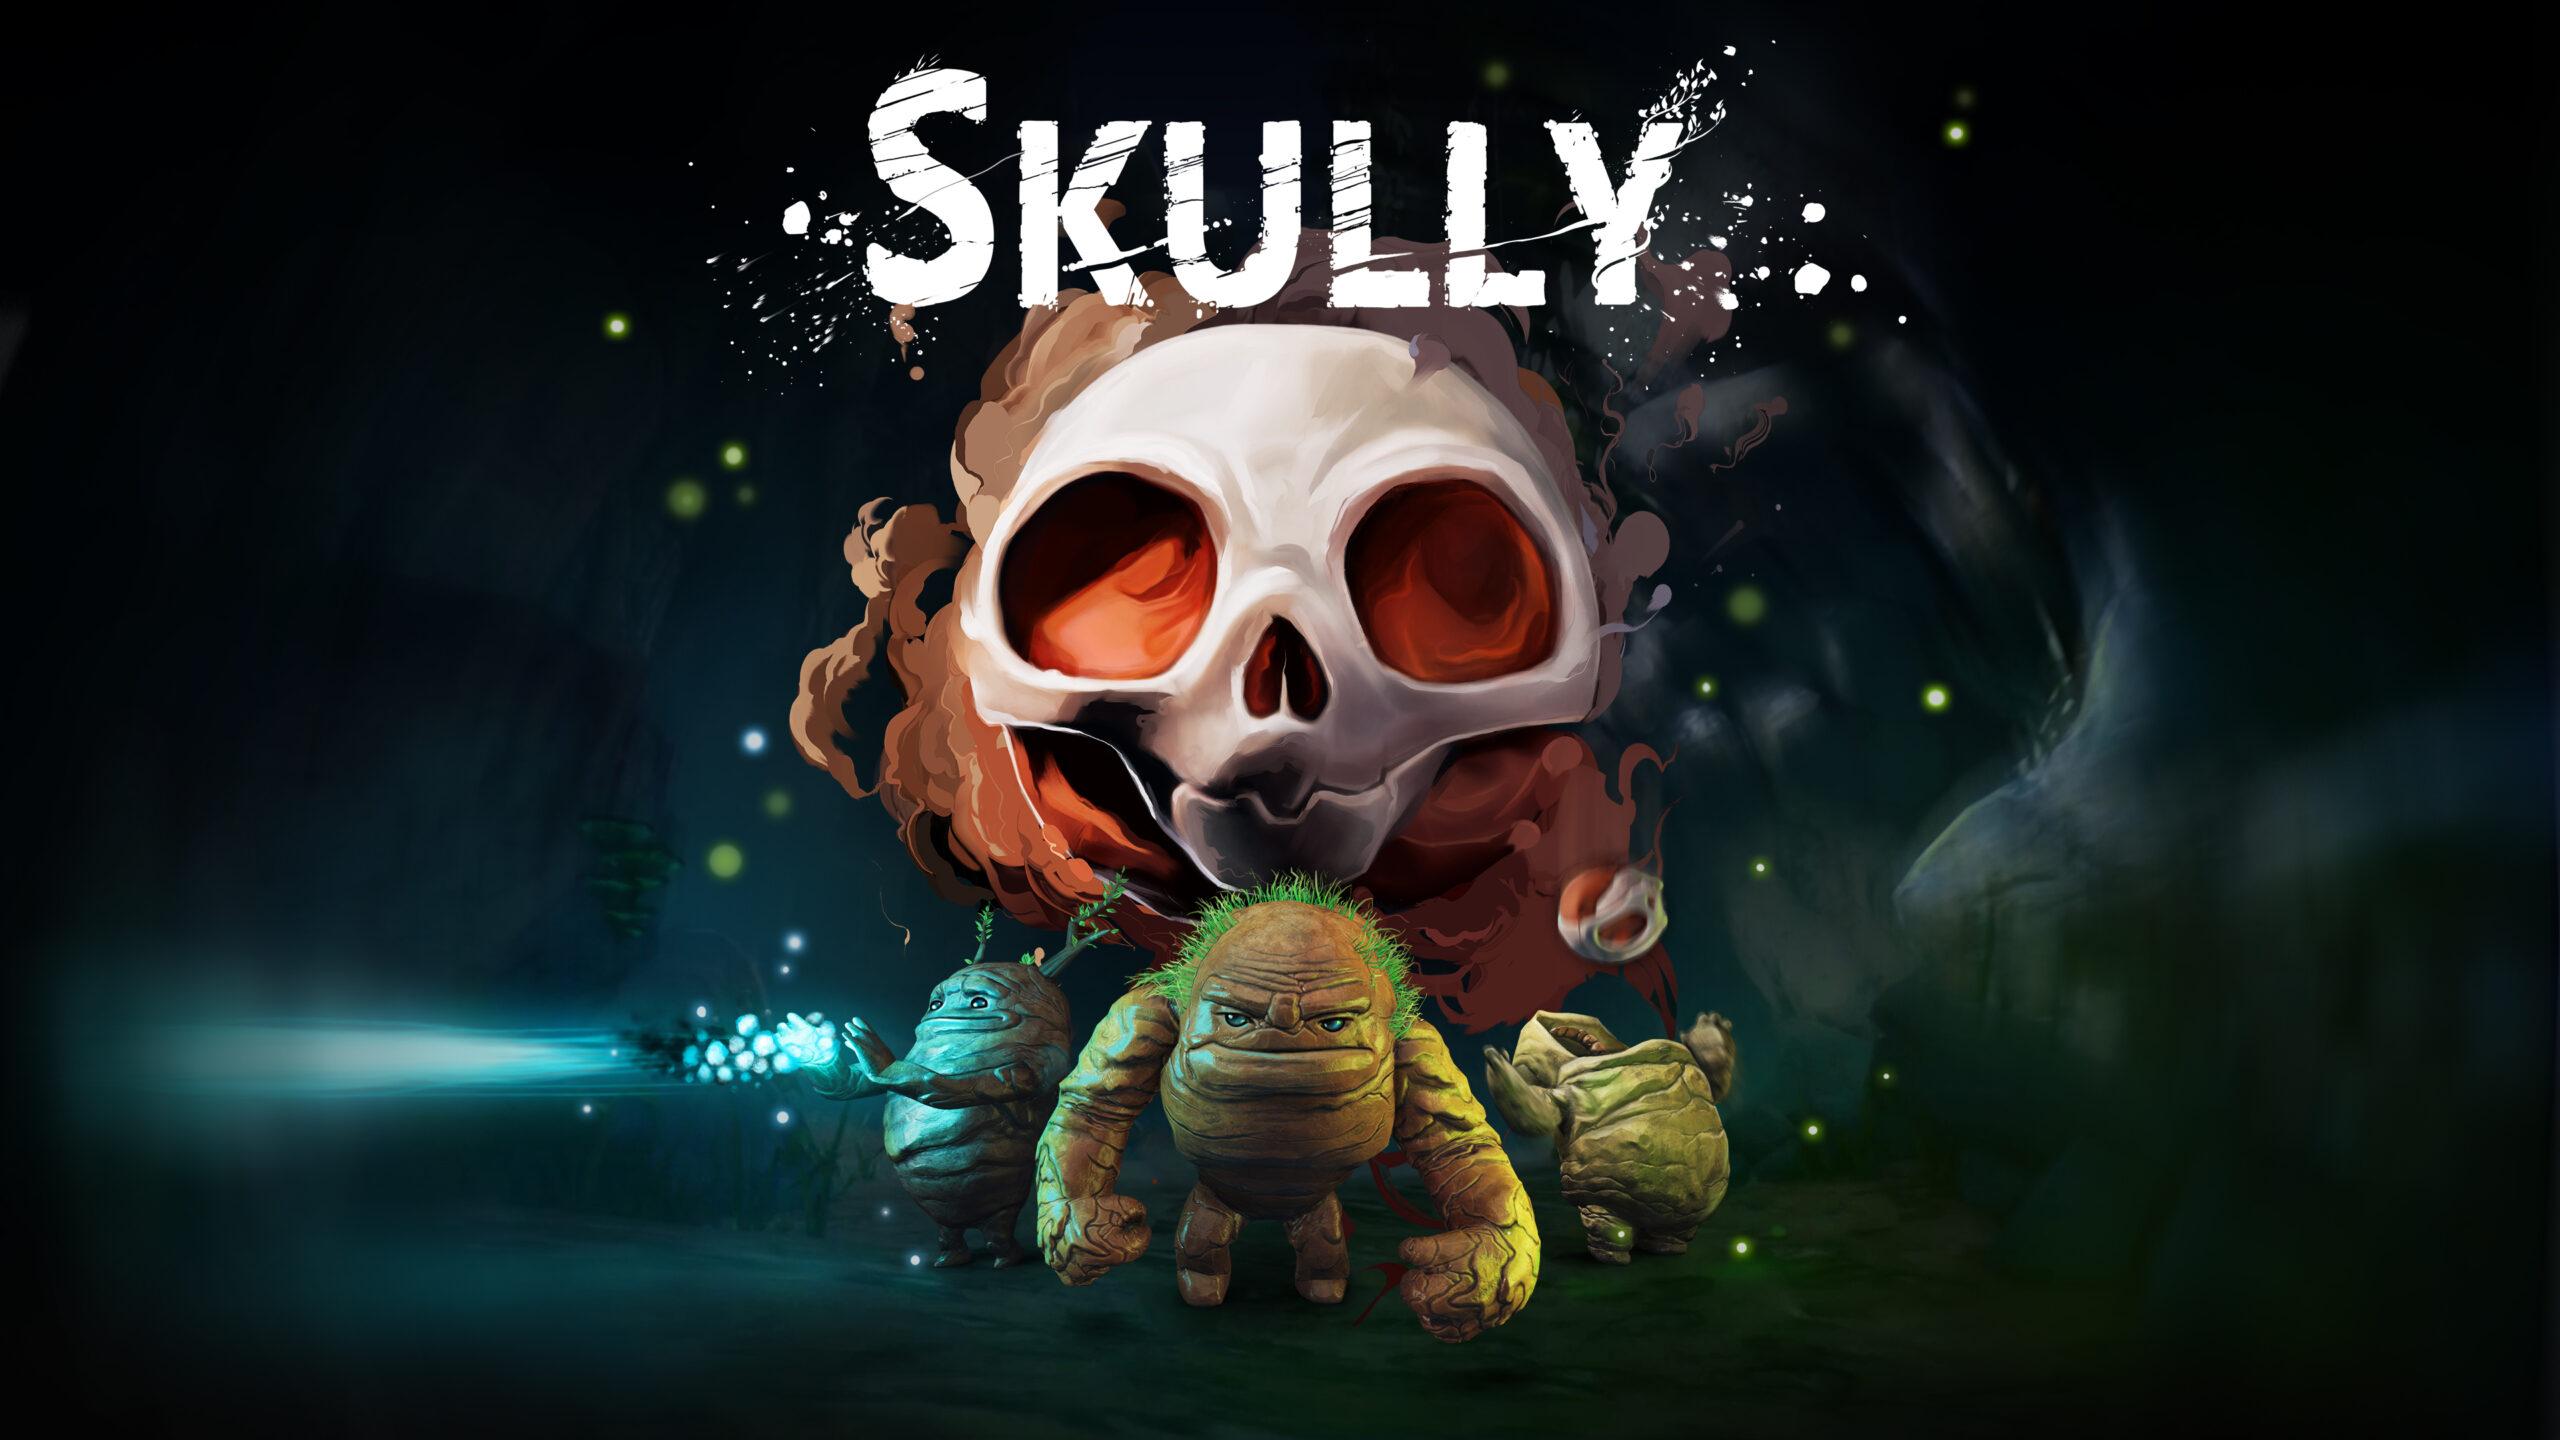 Skully_2020_05-13-20_009